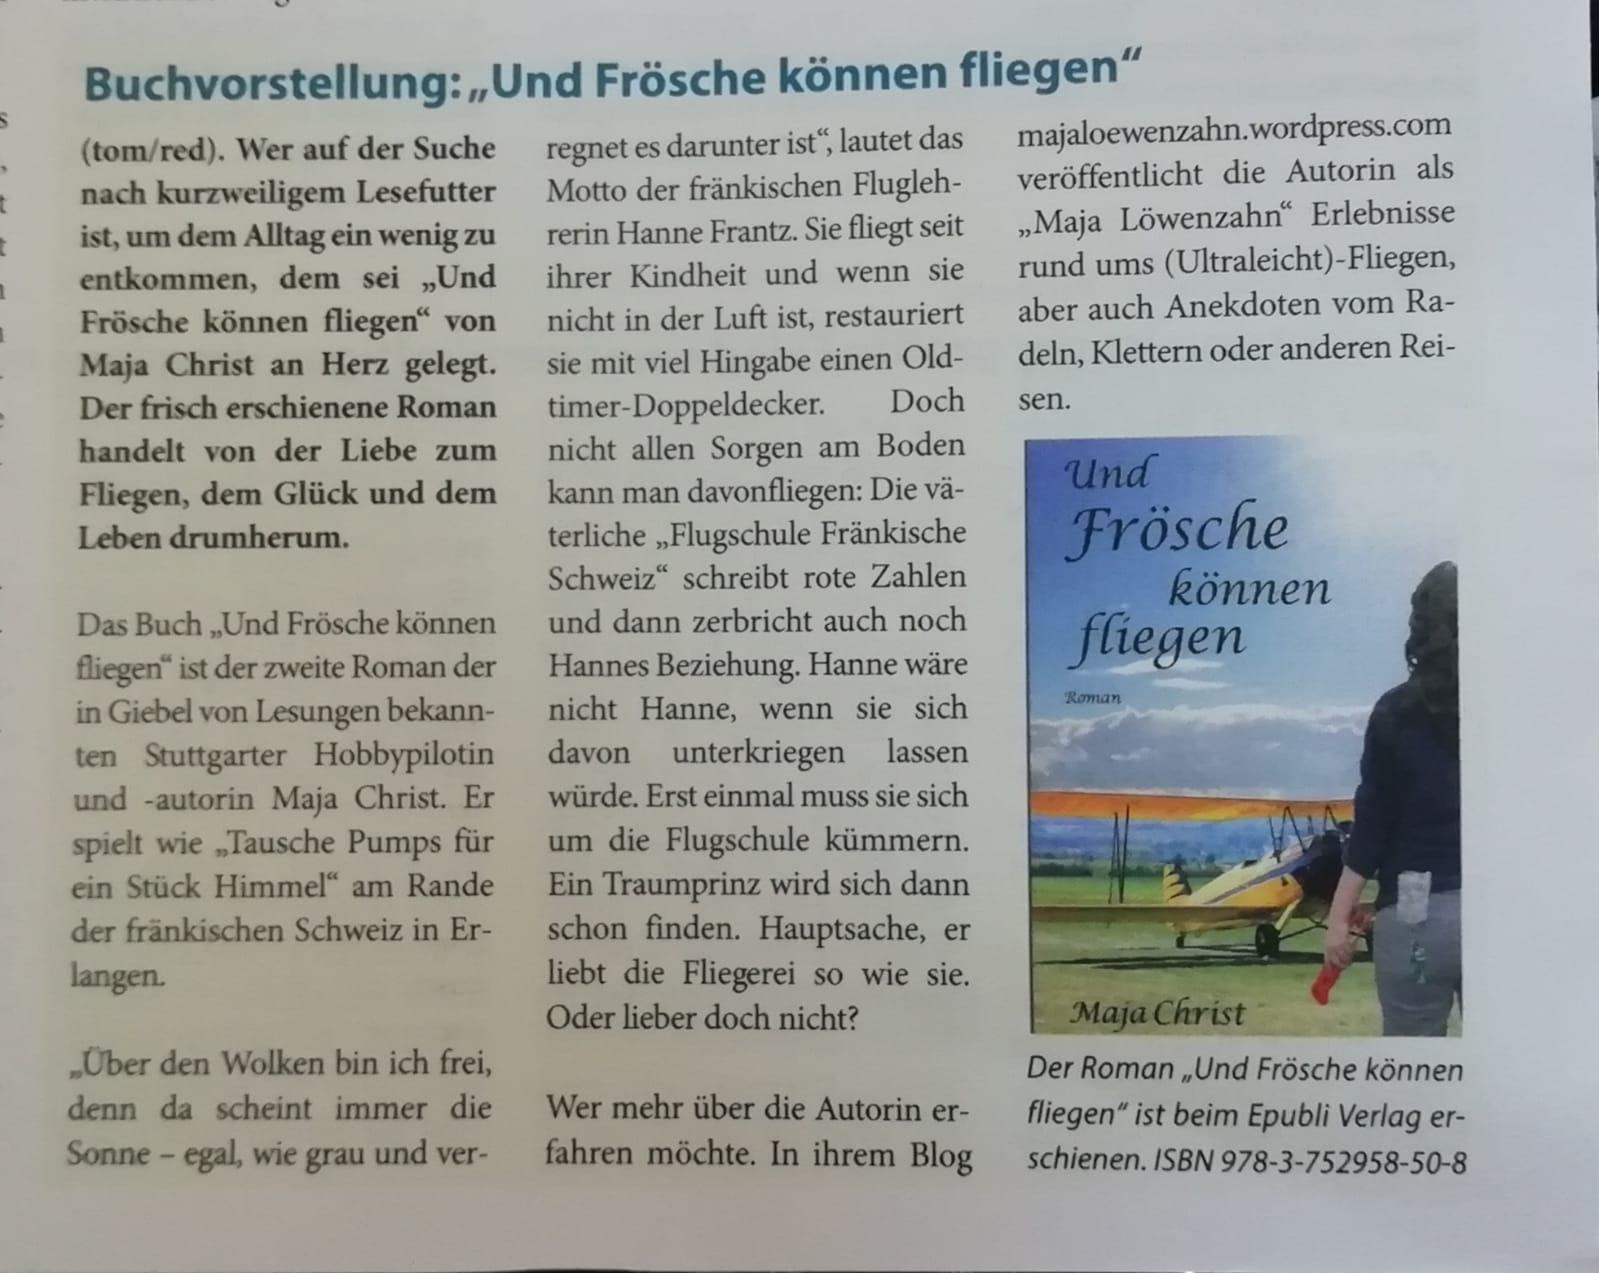 """Buchvorstellung """"Und Frösche können fliegen"""" in """"In und Um Weilimdorf"""" 2020"""